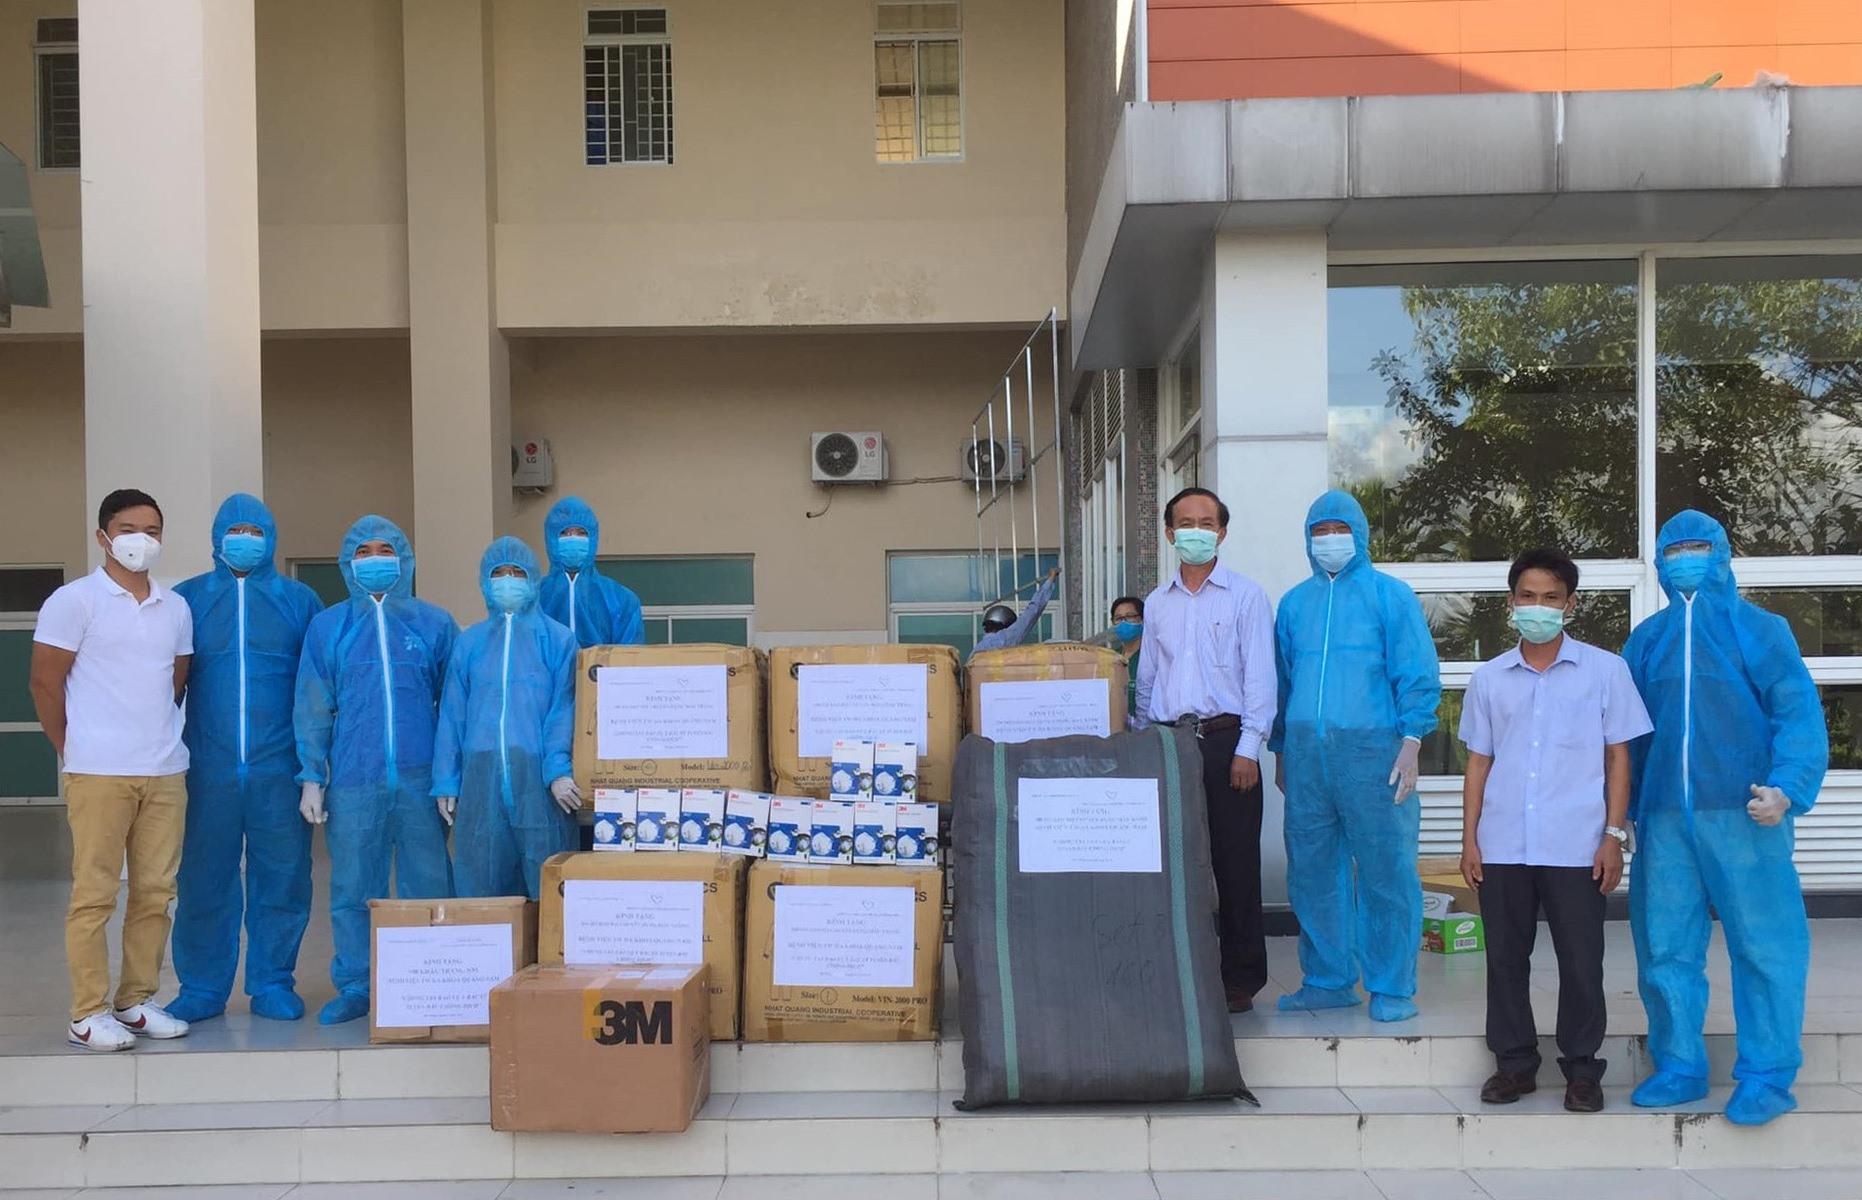 Hội Từ thiện Quảng Nam và các nhà hảo tâm ở TP.Đà Nẵng trao vật dụng hỗ trợ cơ sở y tế ở Quảng Nam. Ảnh: HỘI TỪ THIỆN CUNG CẤP.